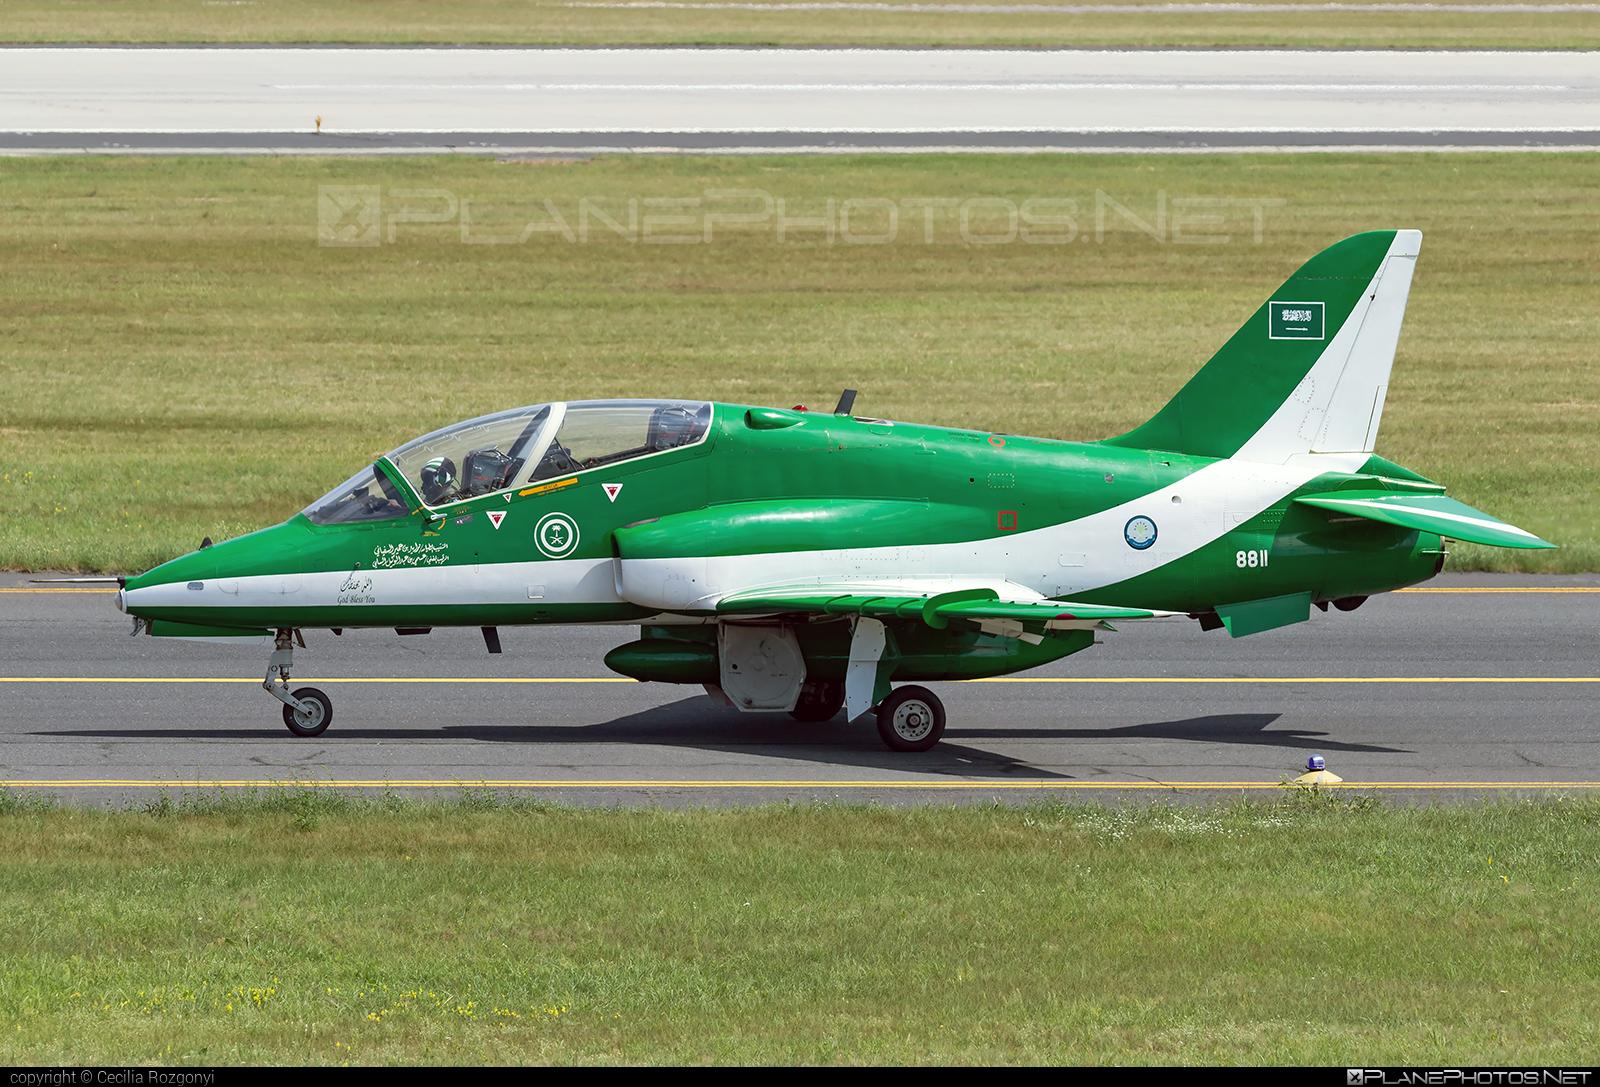 British Aerospace Hawk 65A - 8811 operated by Royal Saudi Air Force #britishaerospace #saudihawks